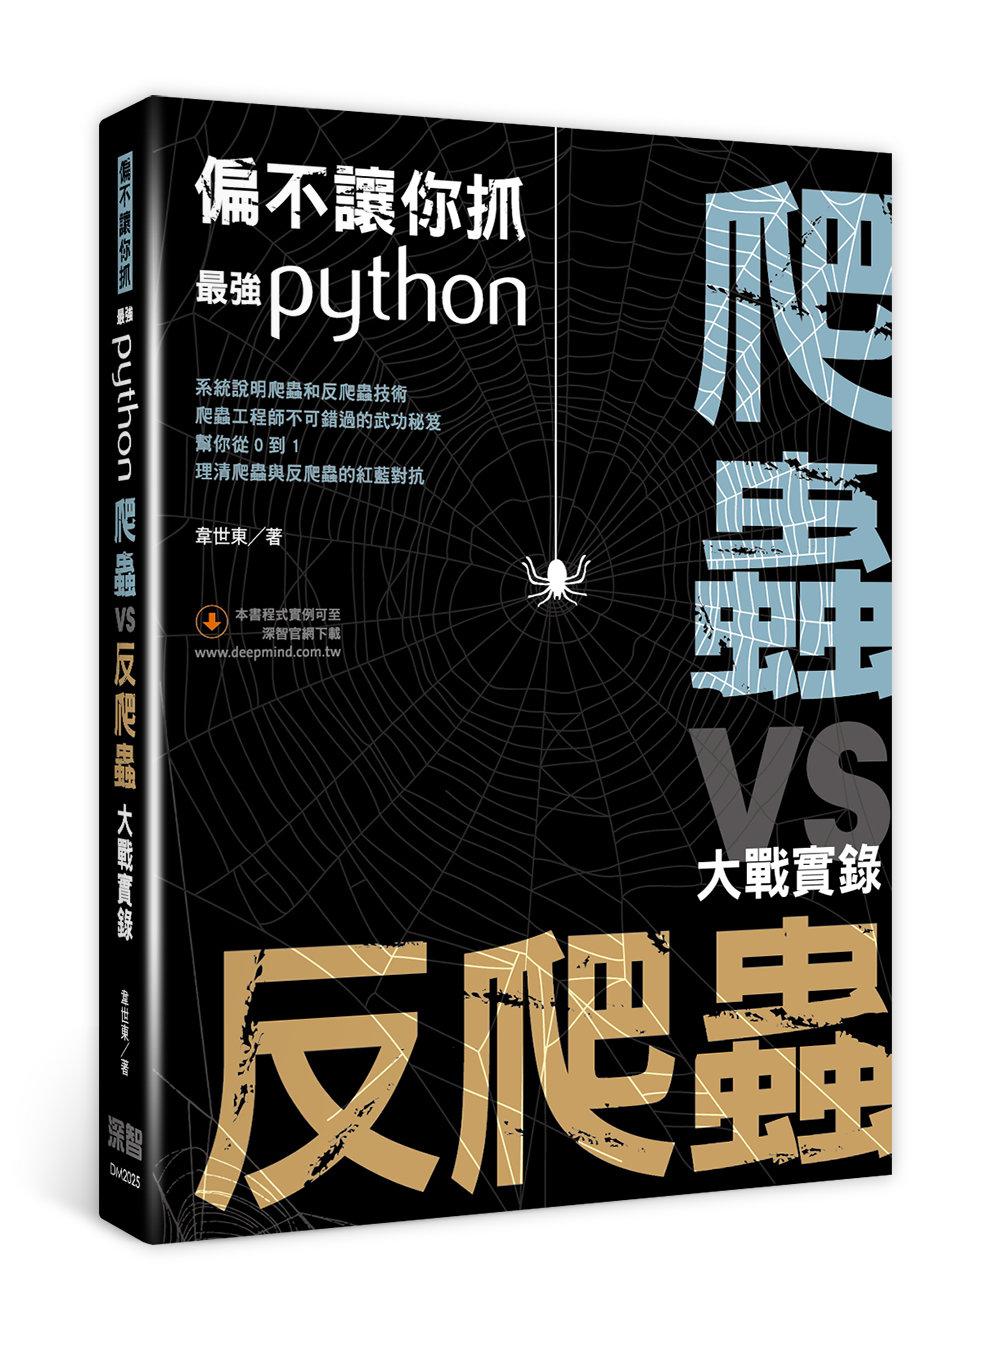 偏不讓你抓:最強 Python 爬蟲 vs 反爬蟲大戰實錄-preview-16